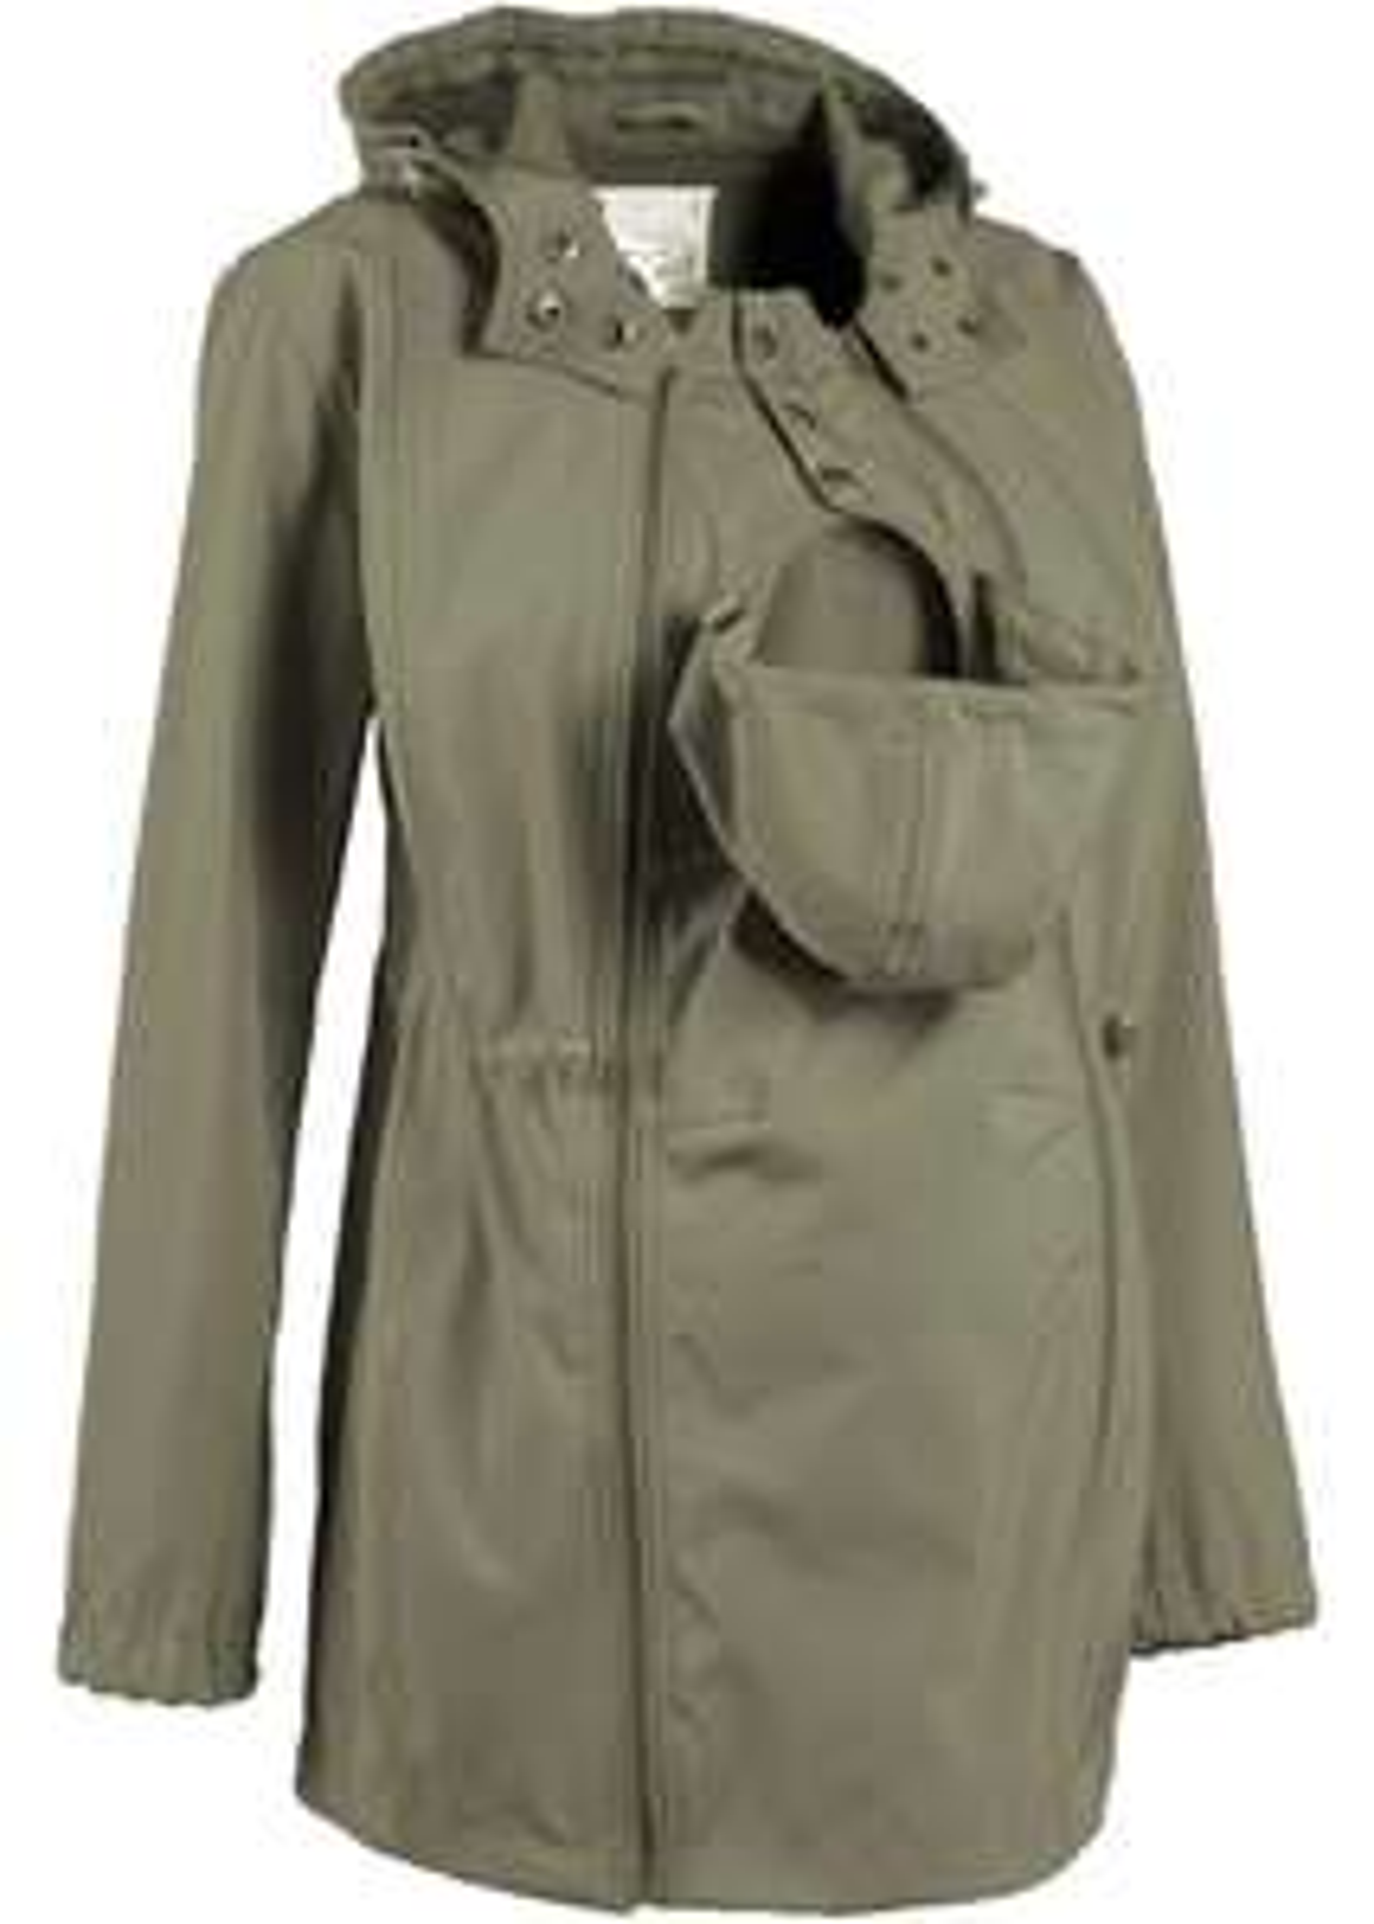 Veste de grossesse et portage softshell - Olive, Plusieurs tailles